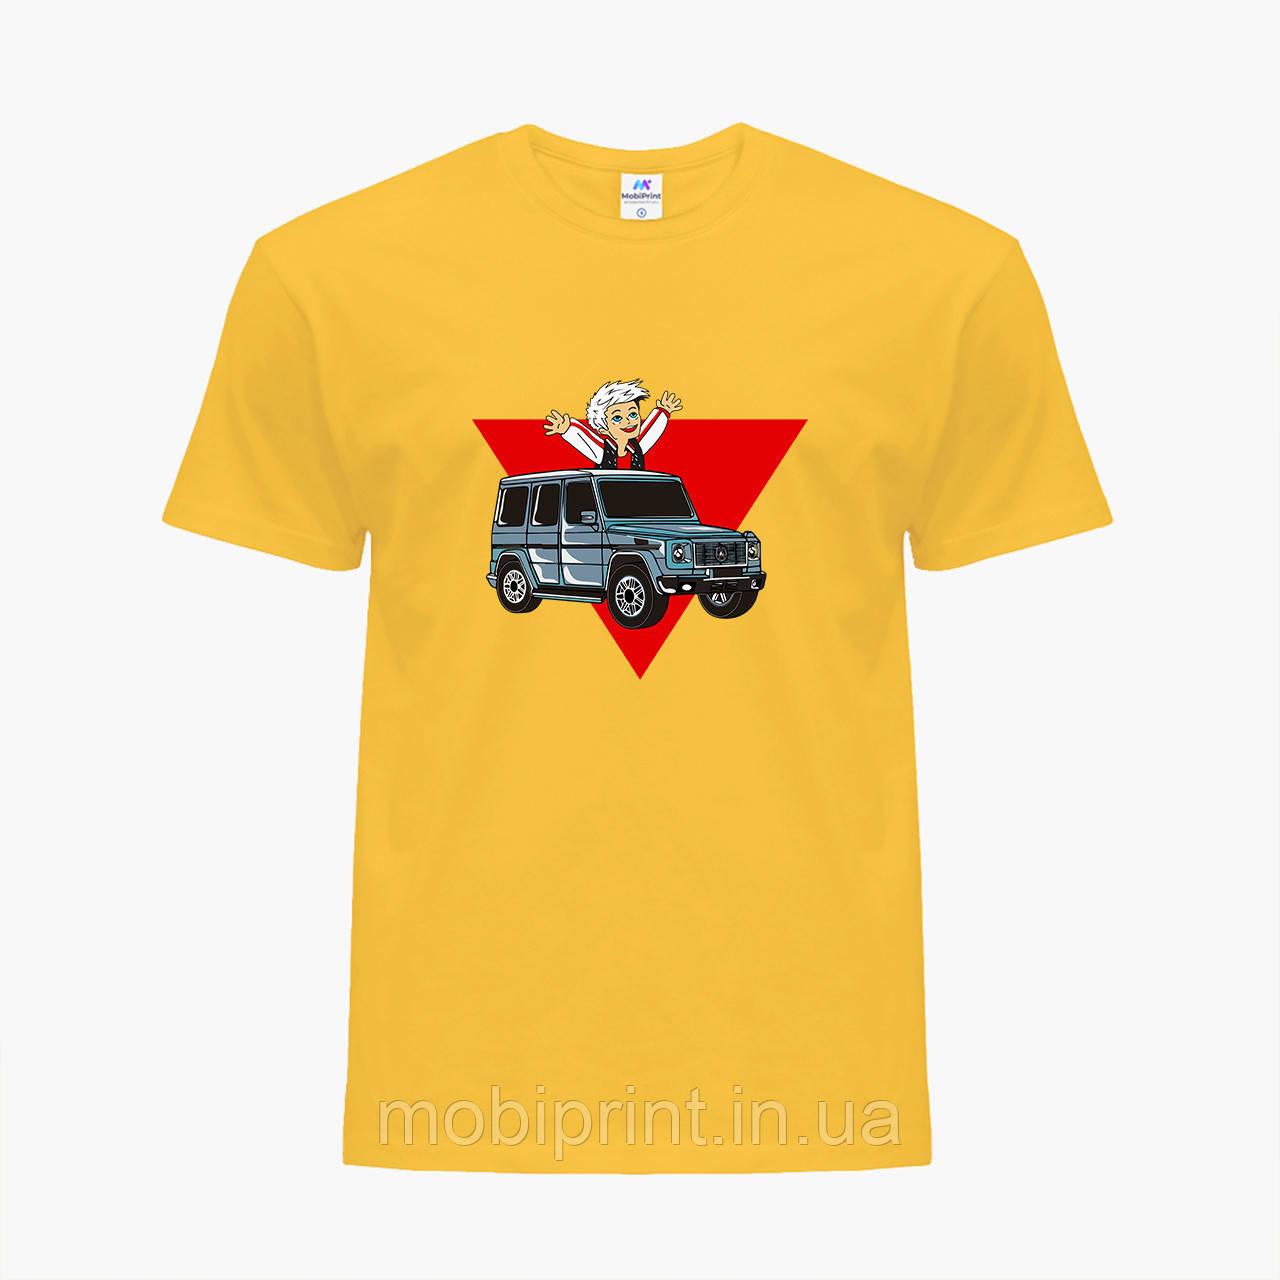 Дитяча футболка для хлопчиків блогер Влад Папір А4 (blogger Vlad A4) (25186-2618) Жовтий